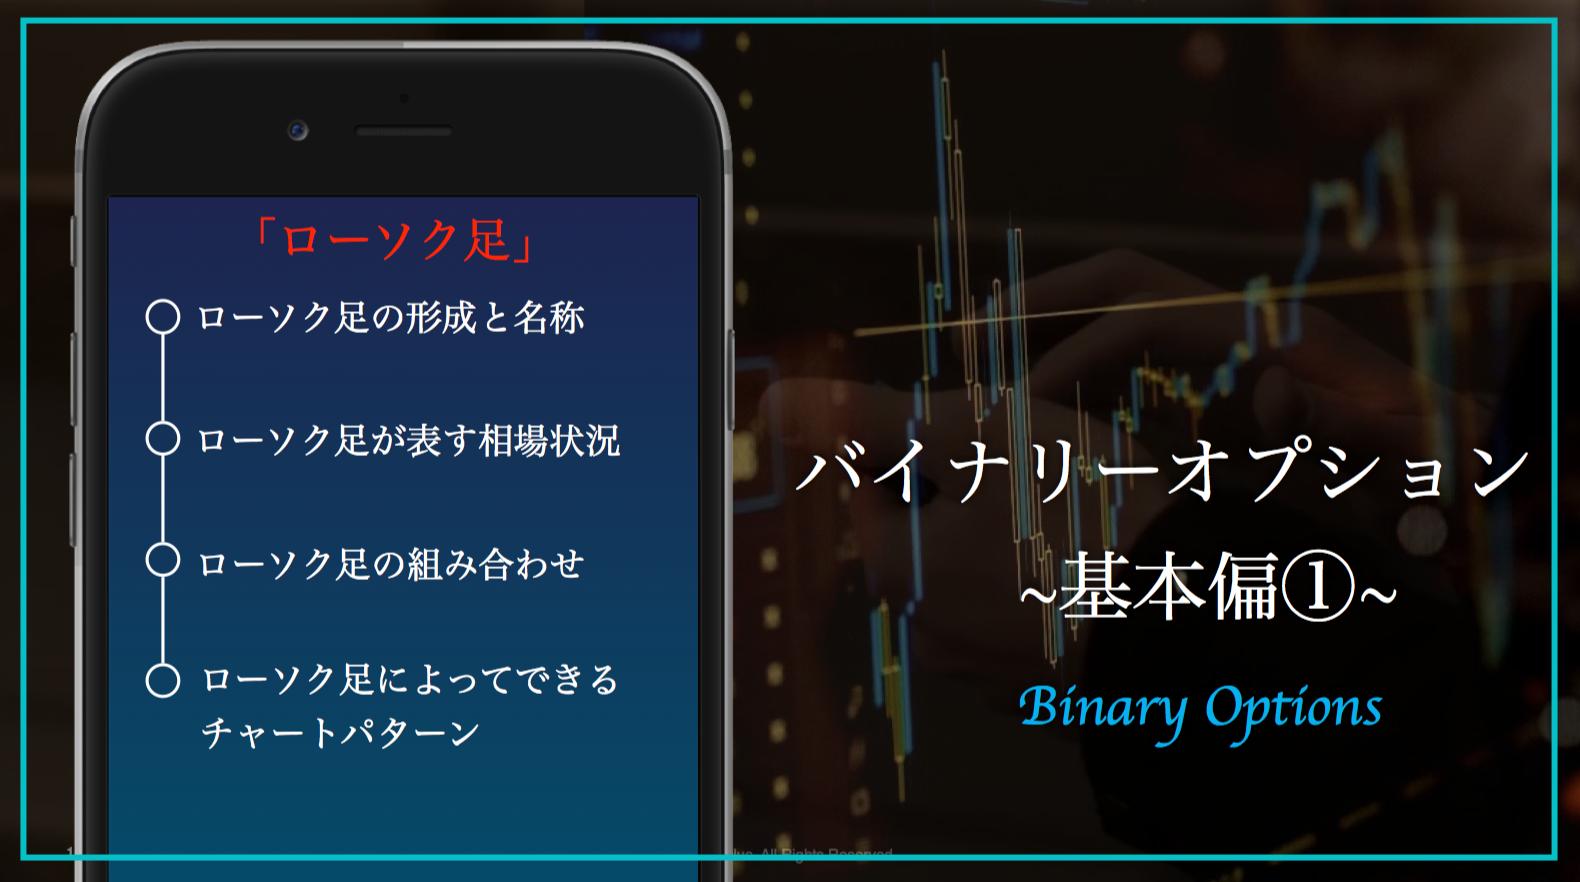 テクニカル基本編① [ローソク足について知ろう!]